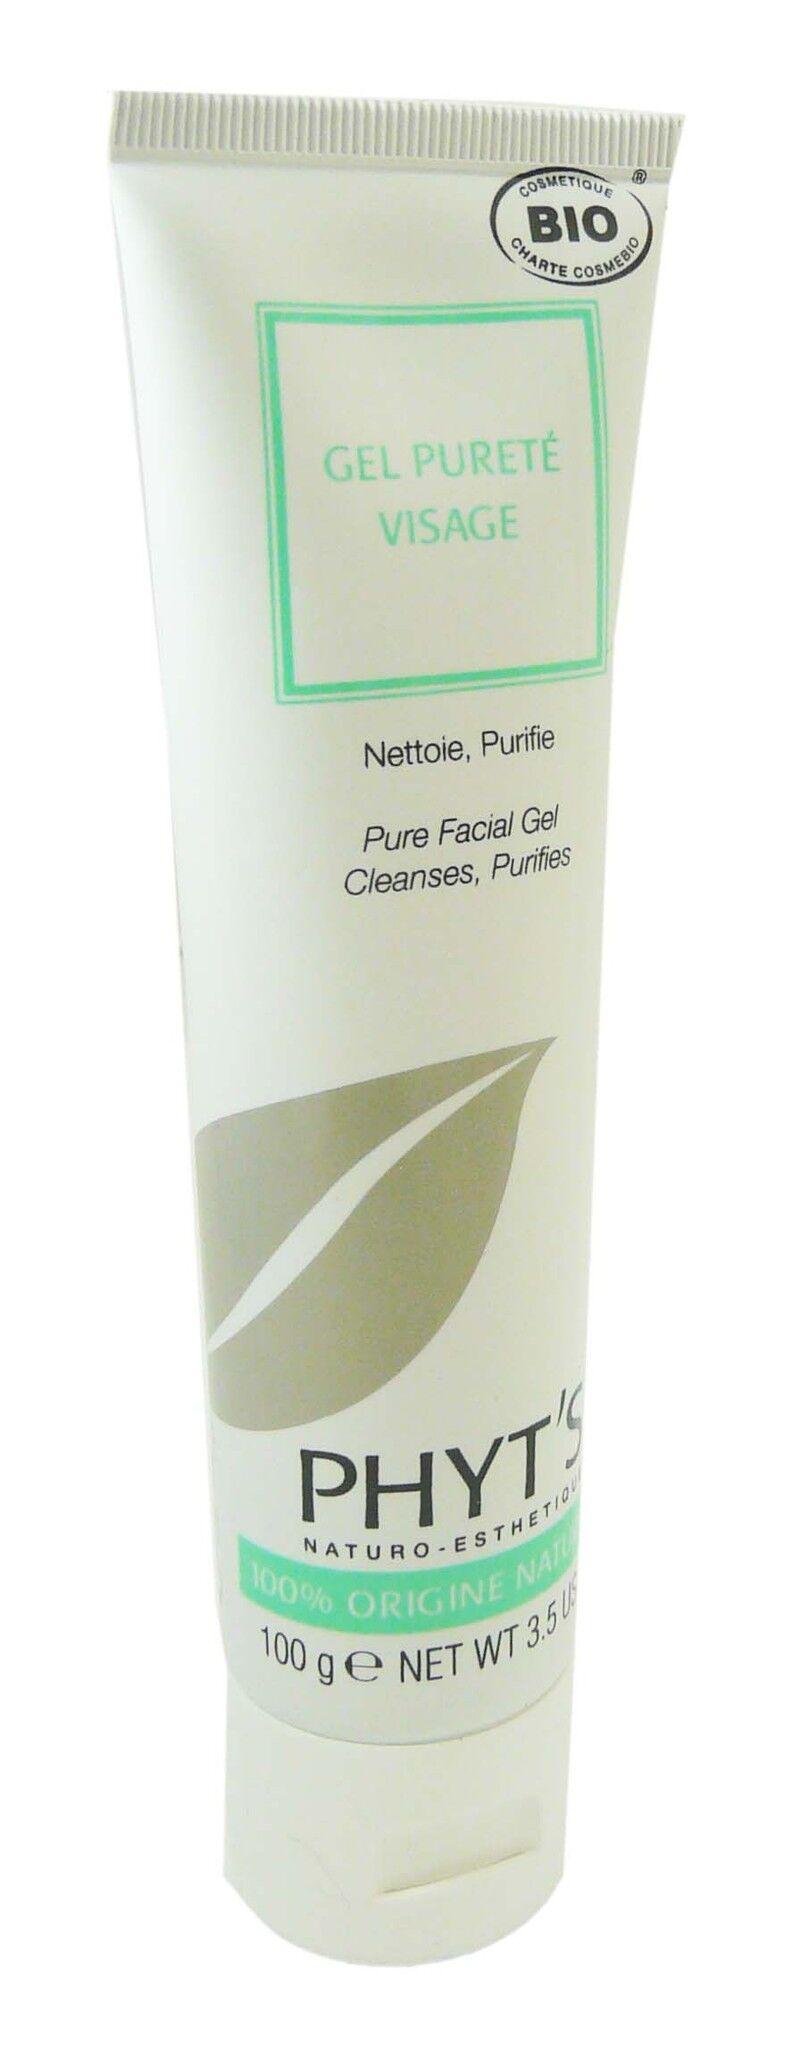 Phyt's gel purete visage  100g